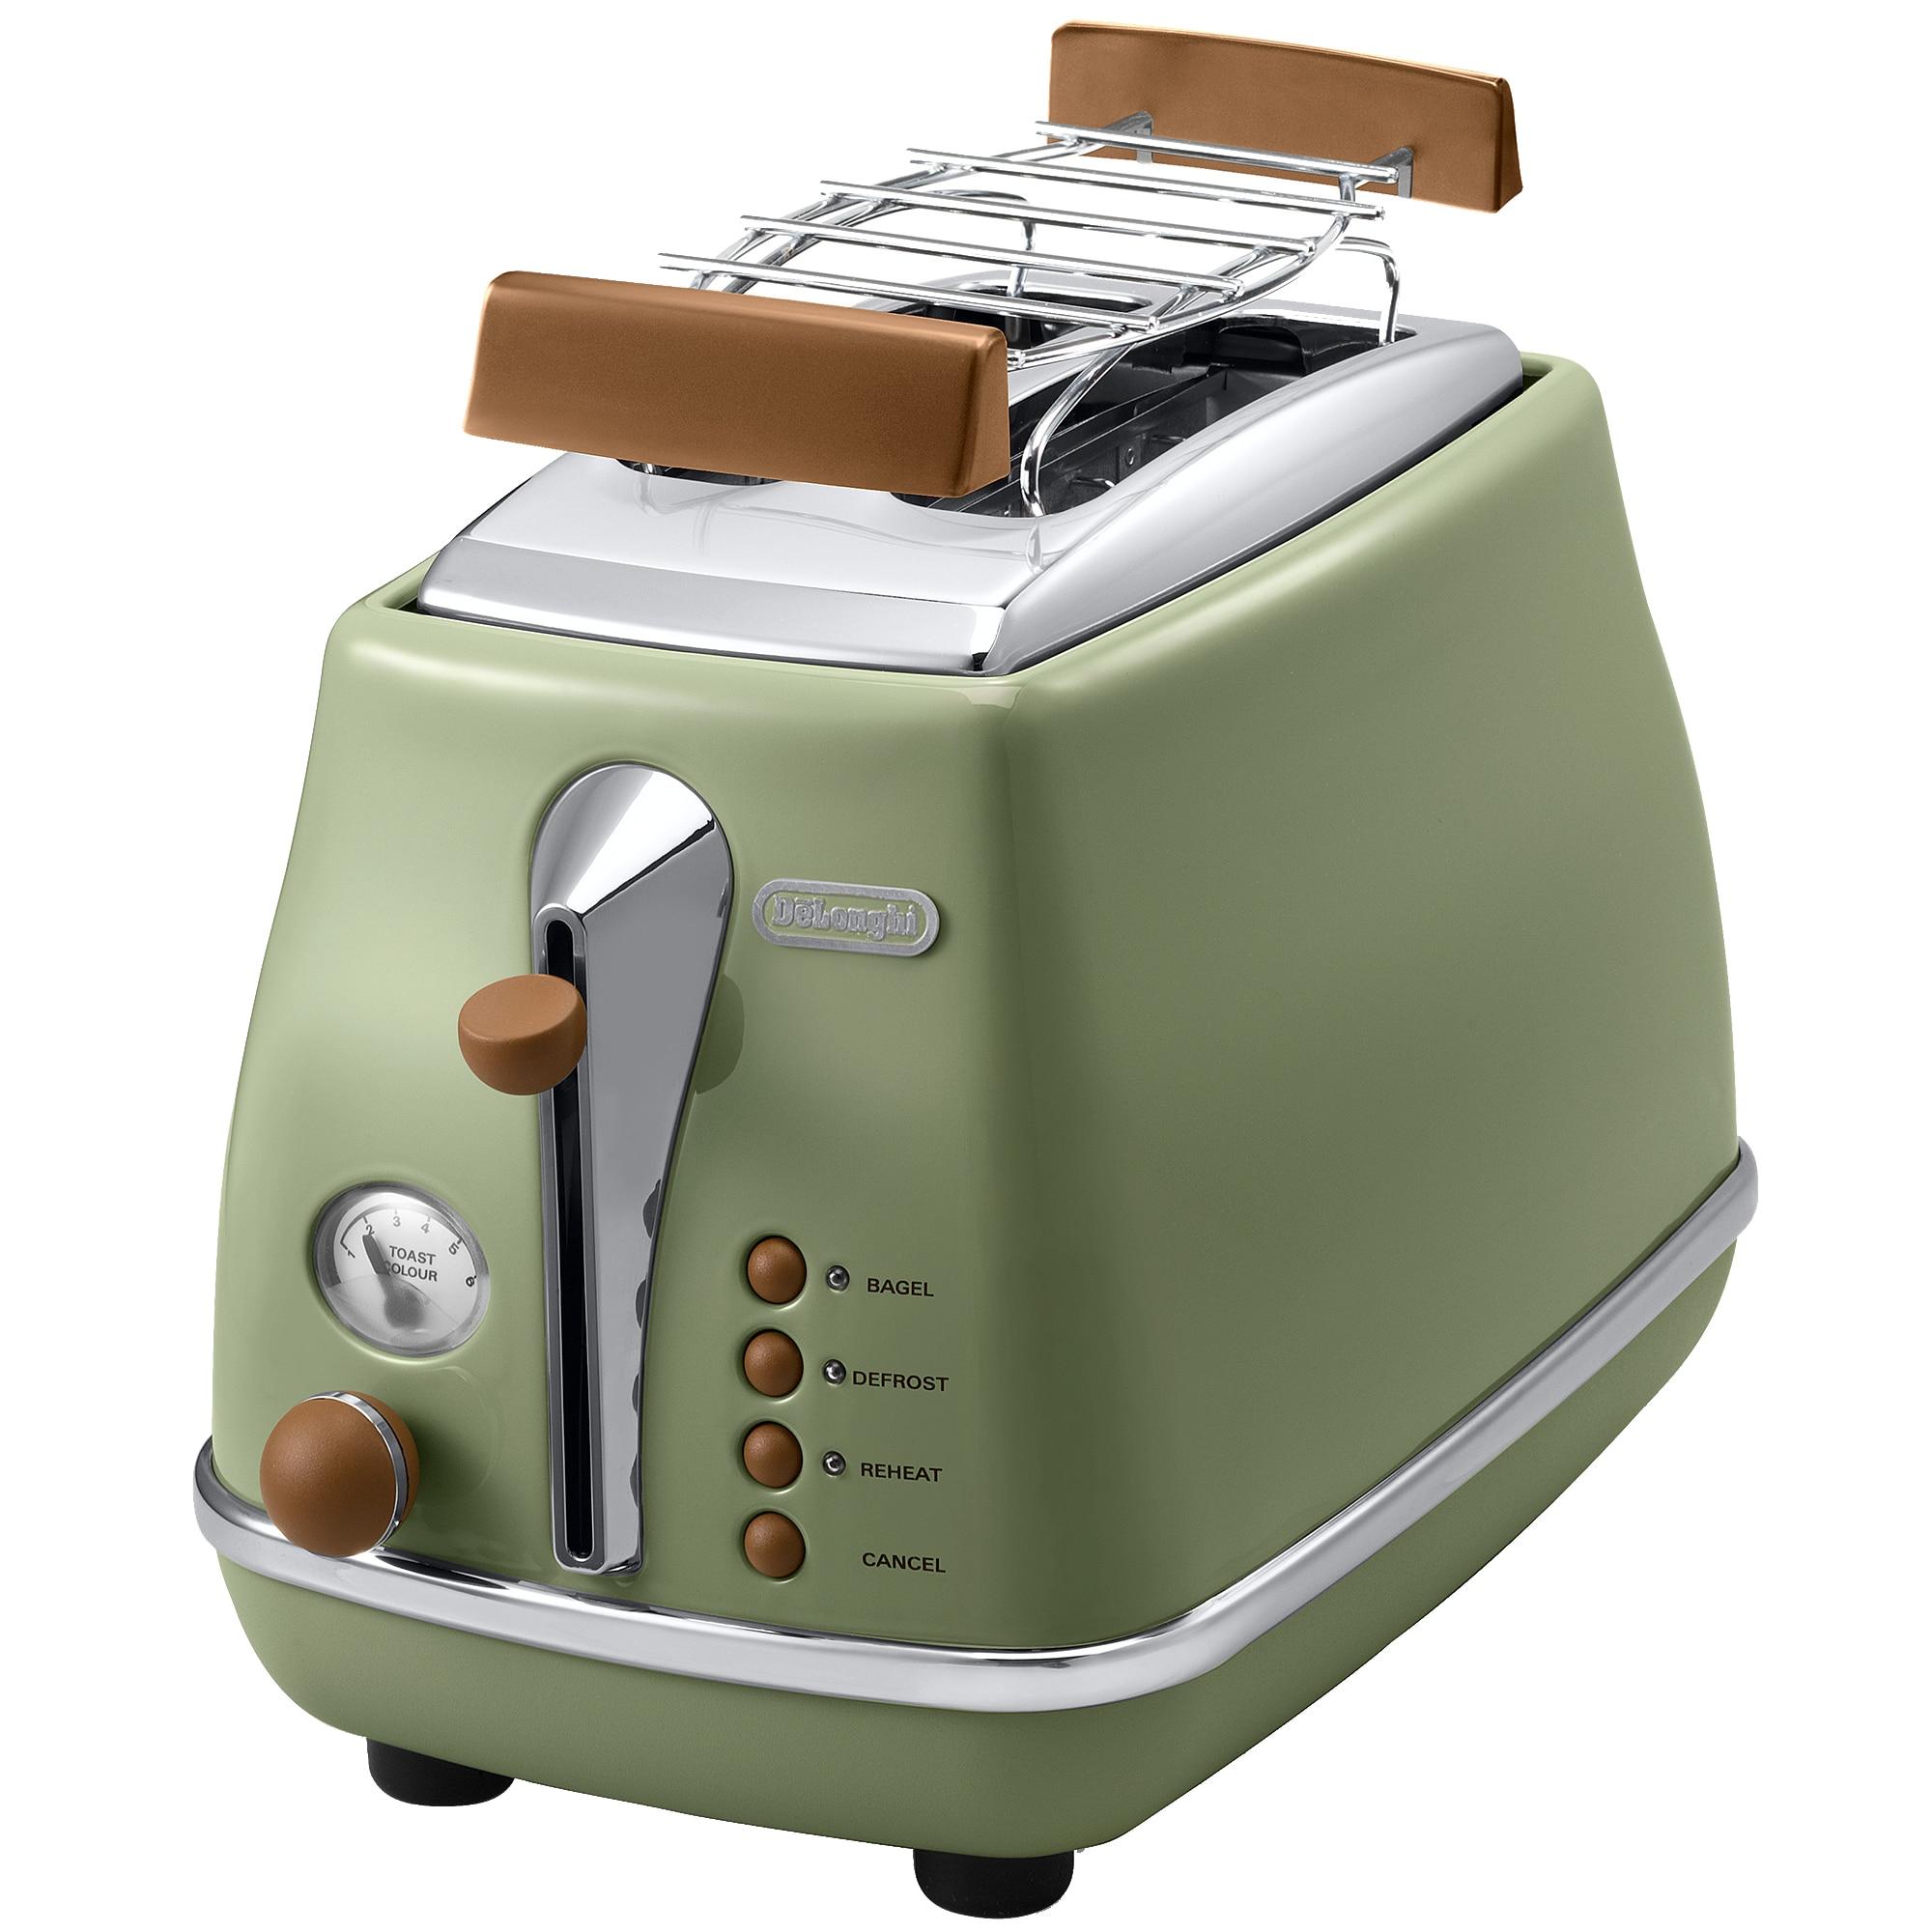 Fotografie Prajitor de paine De'Longhi Icona Vintage CTOV 2103.GR, 900 W, 2 Felii, Control electronic rumenire, Suport de incalzire, Verde